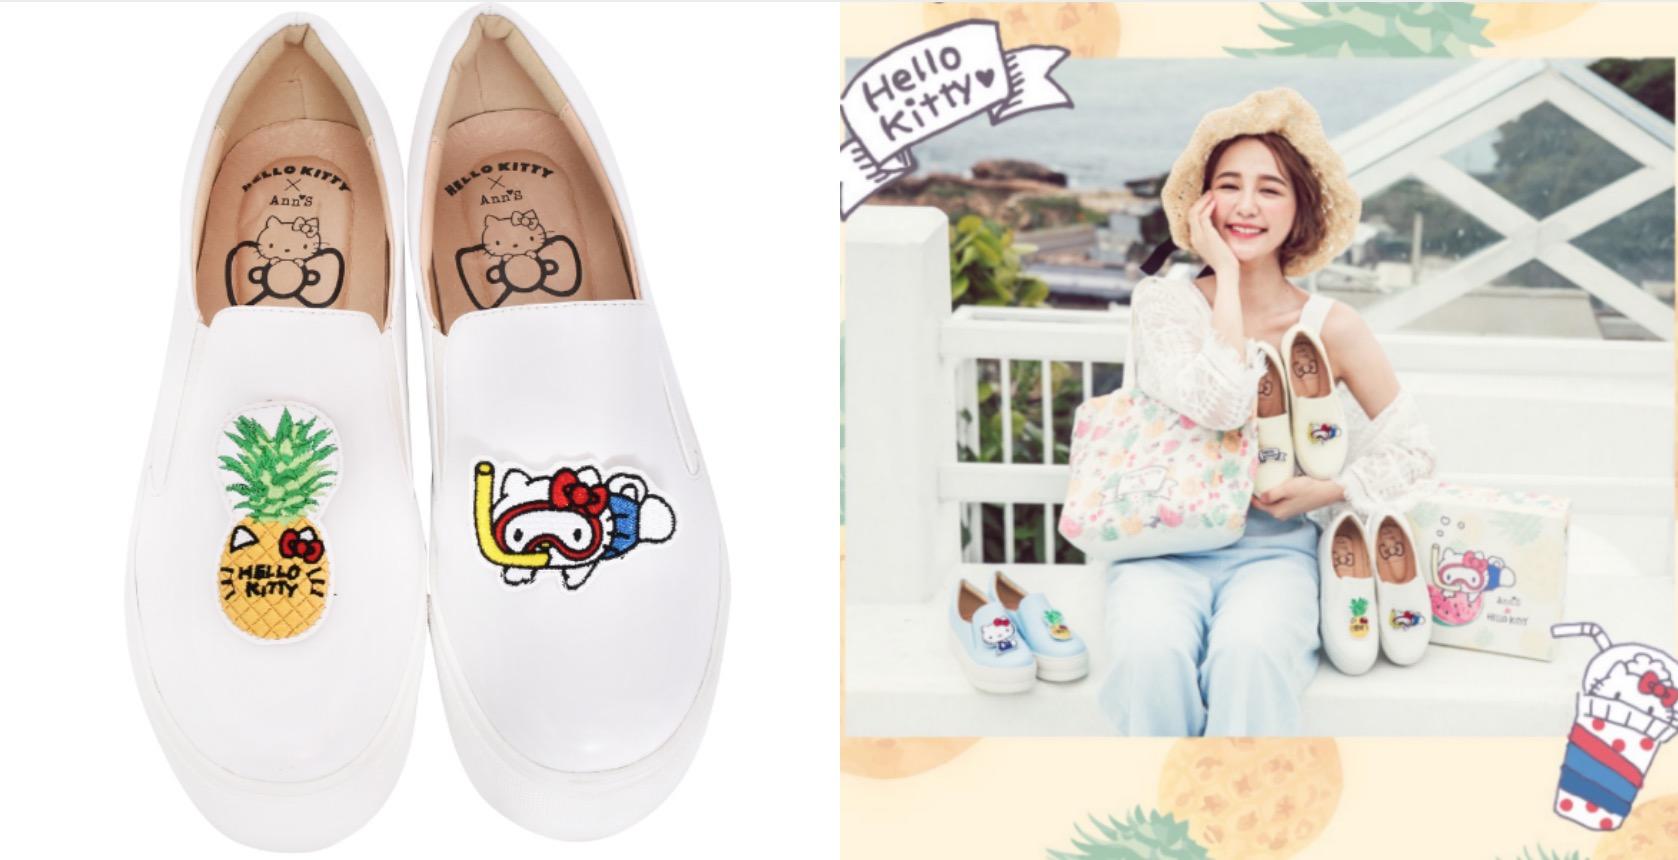 """以限定稀有的""""Hello Kitty熱帶圖案""""為主題,將可愛的圖案設計在鞋款上,戴上潛水鏡的Hello Kitty和你一起展開可愛的夏季,連甜甜鳳梨和椰子樹都戴上了KITTY的招牌蝴蝶結,數量限定!售完不追加!"""